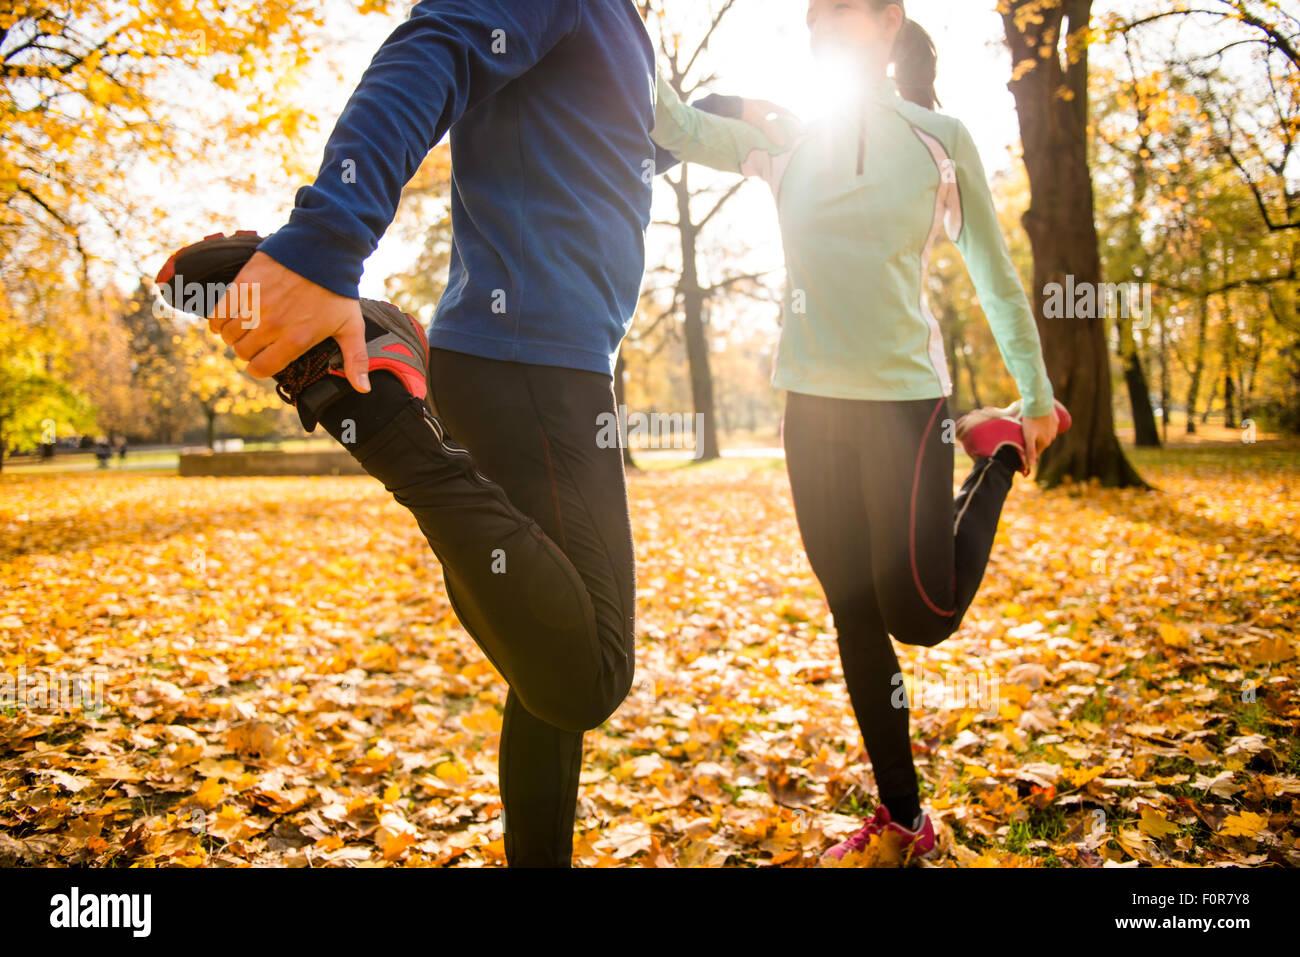 Detail von Mann und Frau dehnen Beine vor dem Joggen im Herbst Natur Stockbild